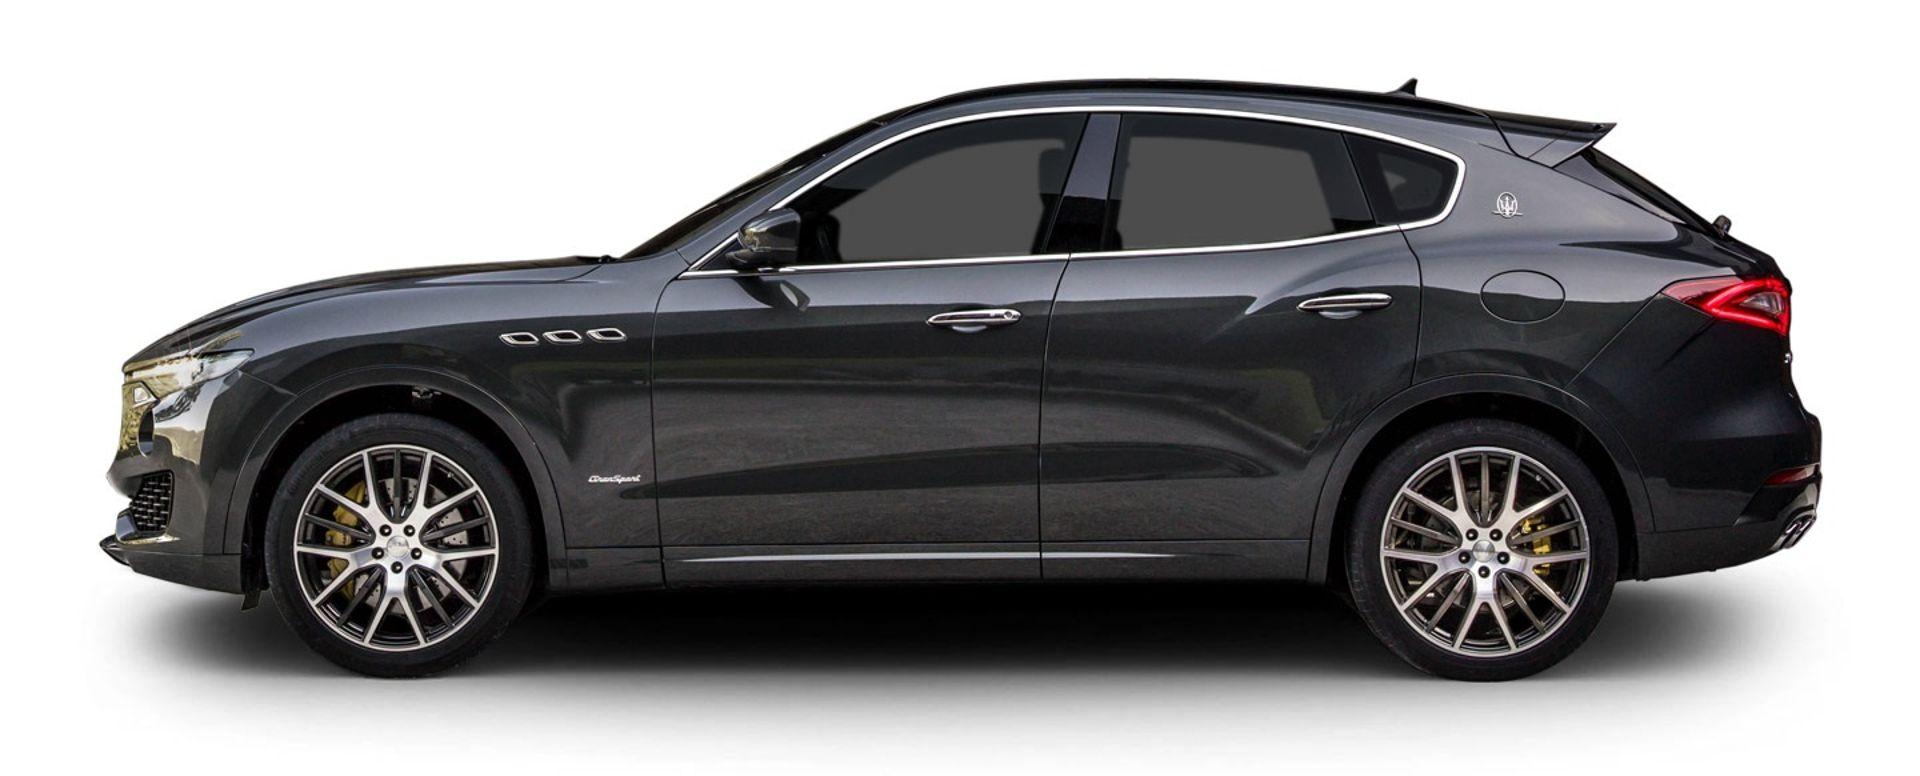 Maserati Levante Diesel GranLusso Image